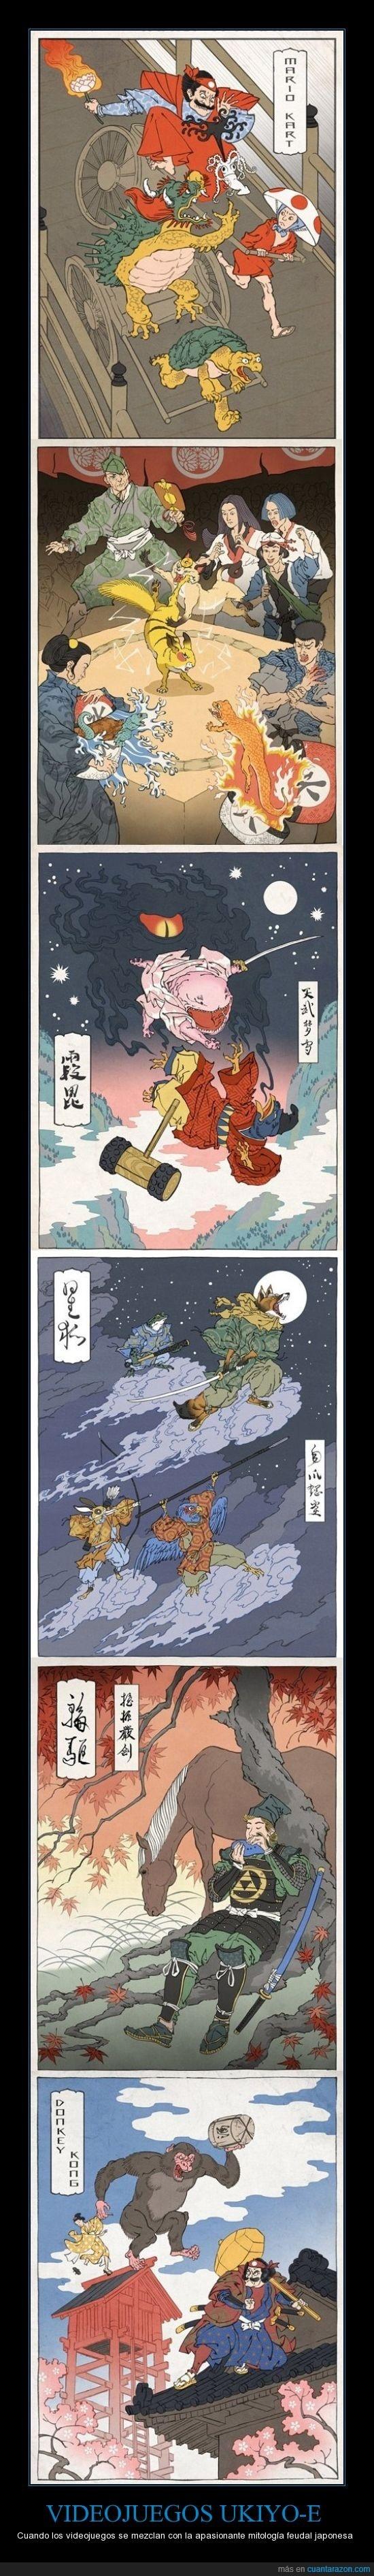 VIDEOJUEGOS UKIYO-E - Cuando los videojuegos se mezclan con la apasionante mitología feudal japonesa